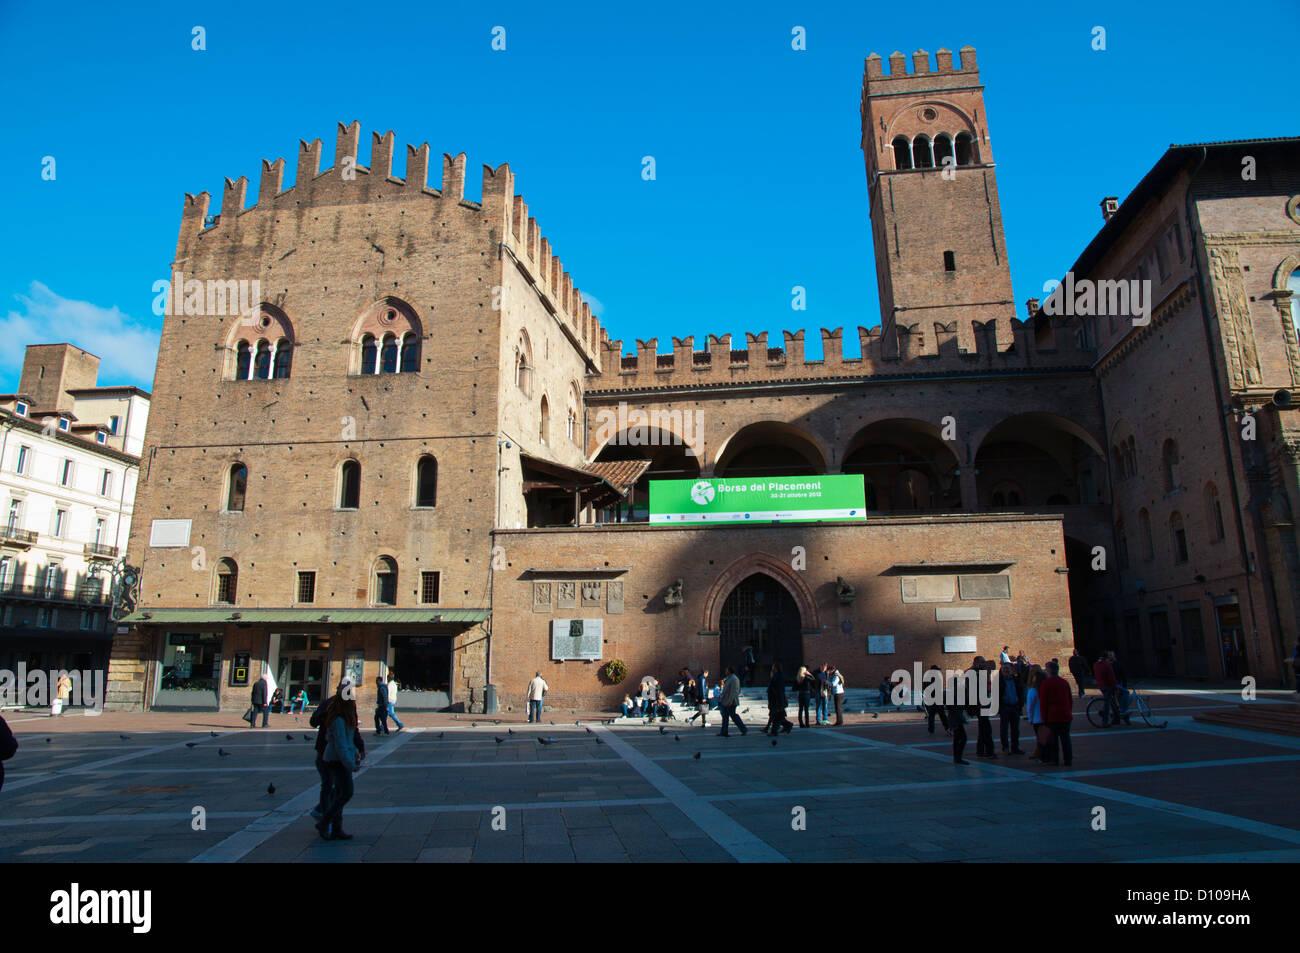 Piazza del Nettuno square centro storico central Bologna city Emilia-Romagna region northern Italy Europe - Stock Image